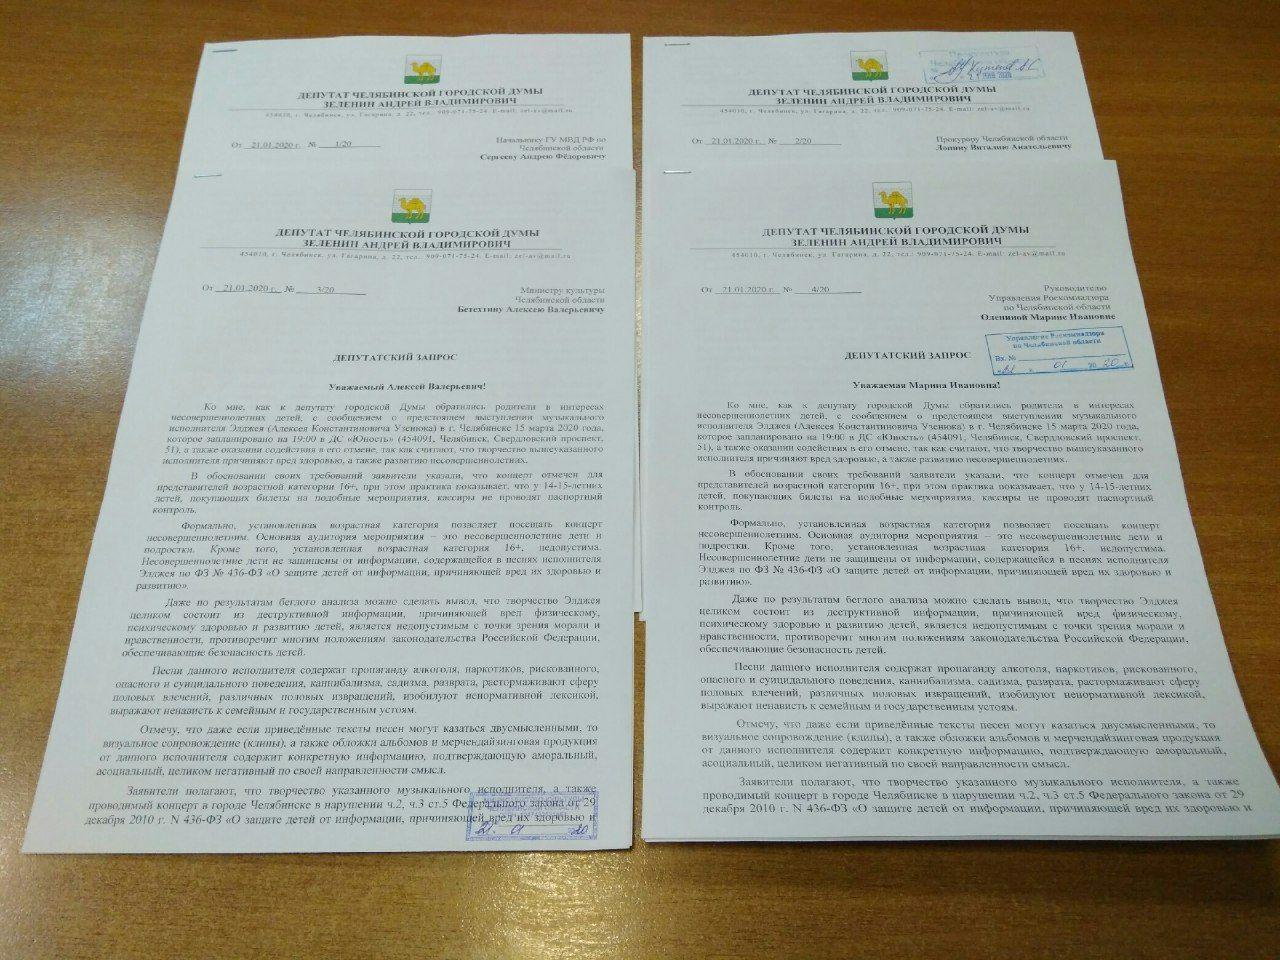 Депутат отправил запрос по разным ведомствам